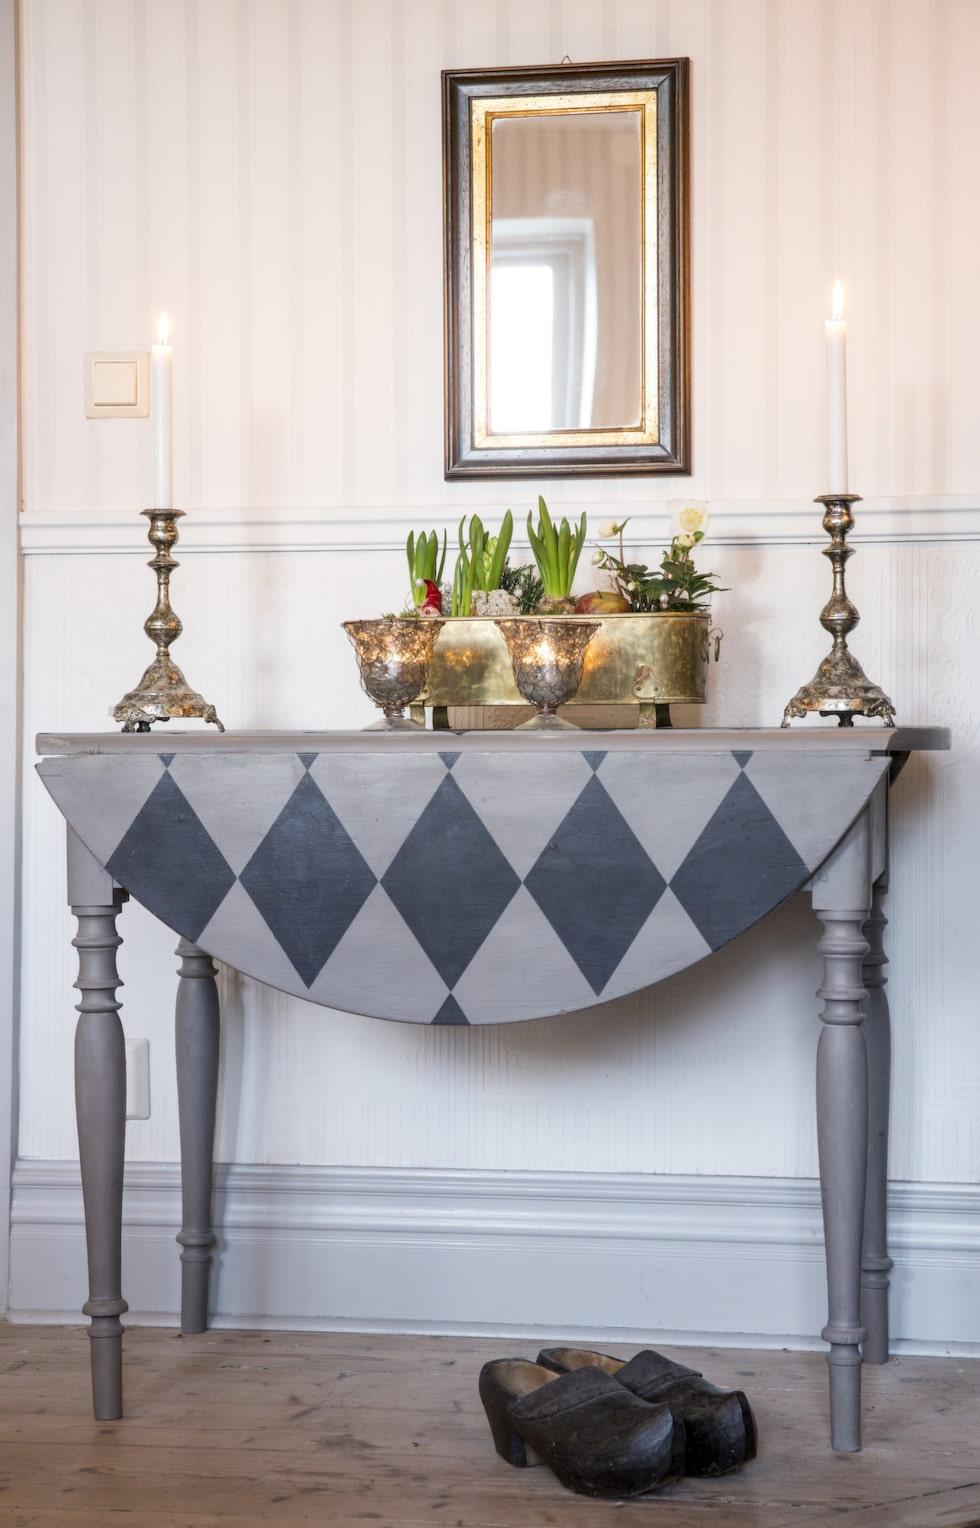 Grå rutor. Det antika klaffbordet har Britt målat harlequinrutigt med kalkfärg från Annie Sloan. Ljusstakar och lyktor från Olsen & Jensen. I den antika mässingskrukan har Britt gjort ett jularrangemang av hyacinter och en julros.